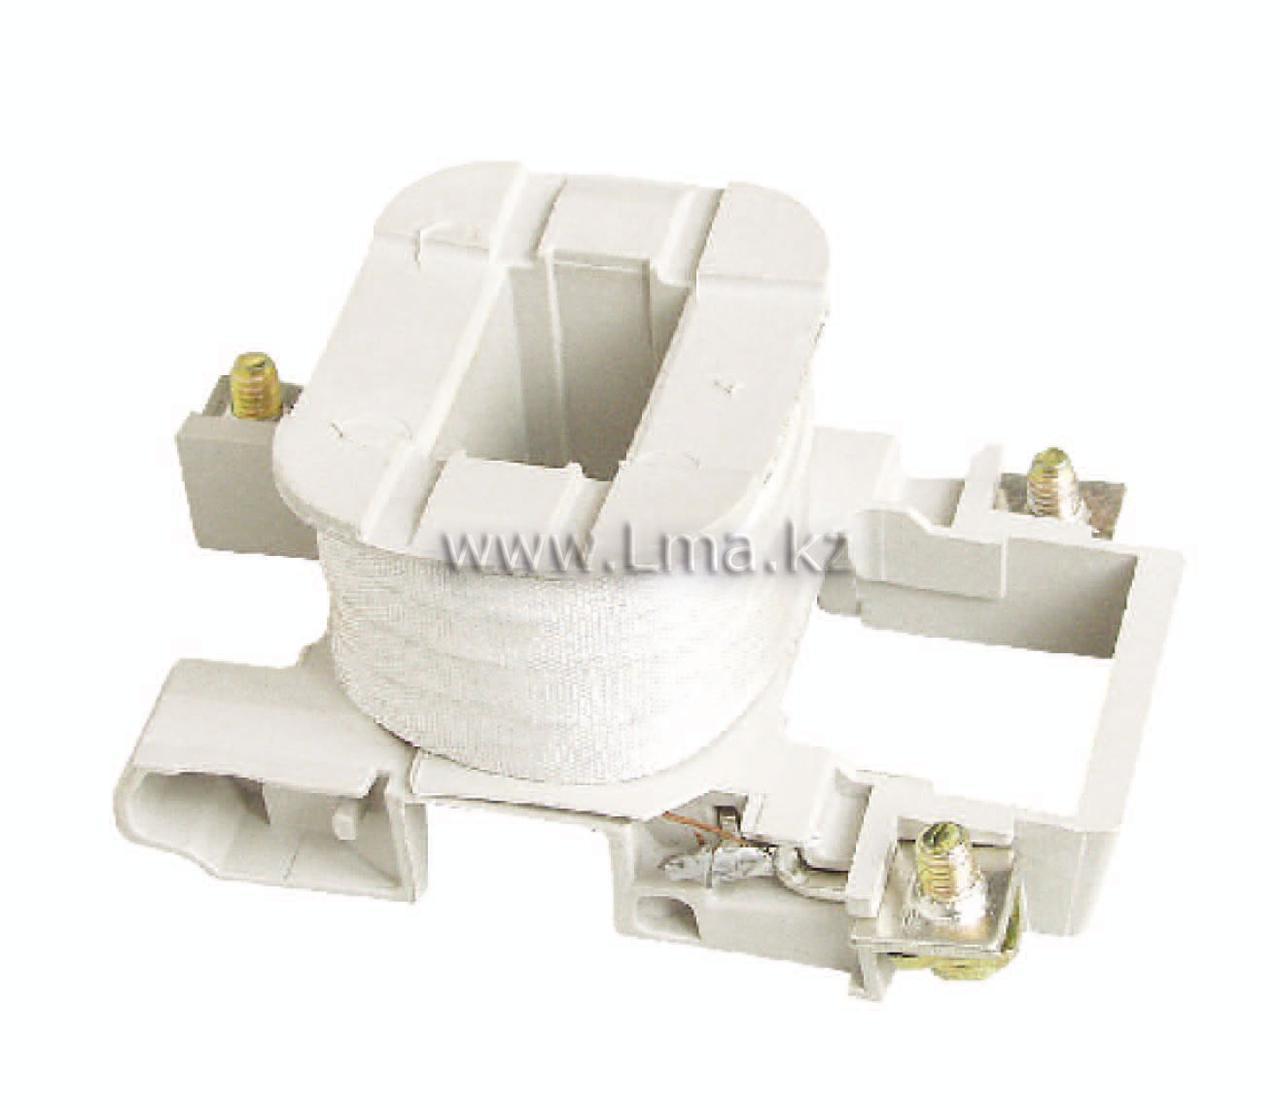 Катушка управления контактором электромагнитным TSX1-FF (КТК-115-150Л) AC 220V, 380V